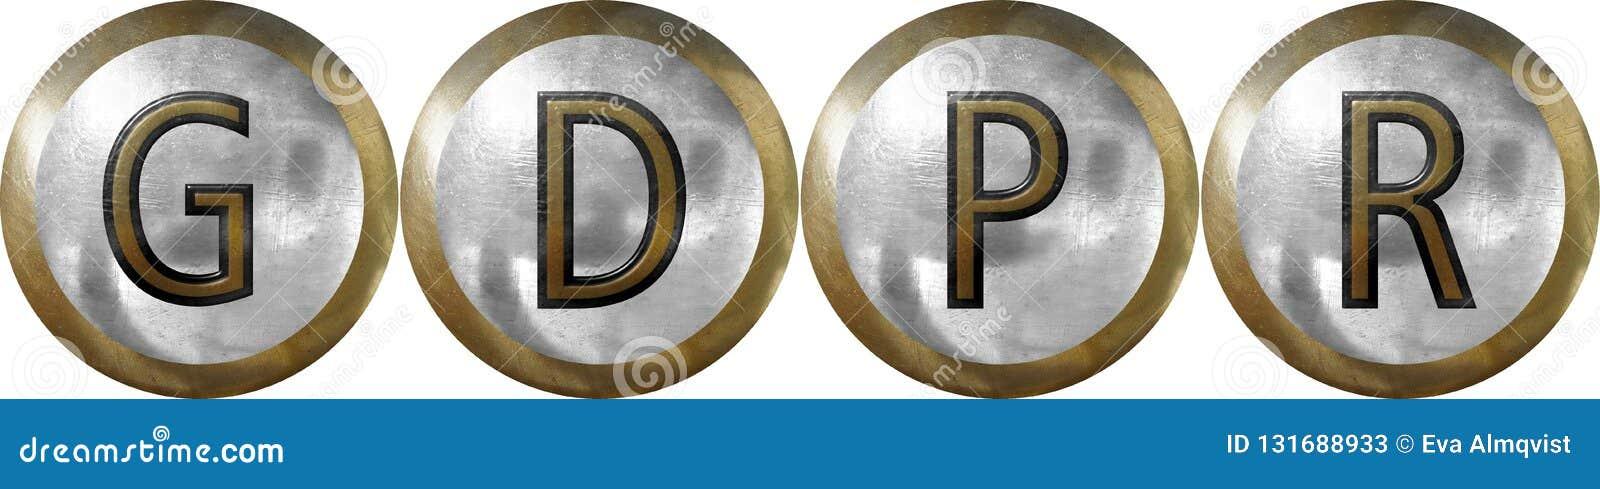 GDPR, Algemene Gegevensbeschermingverordening